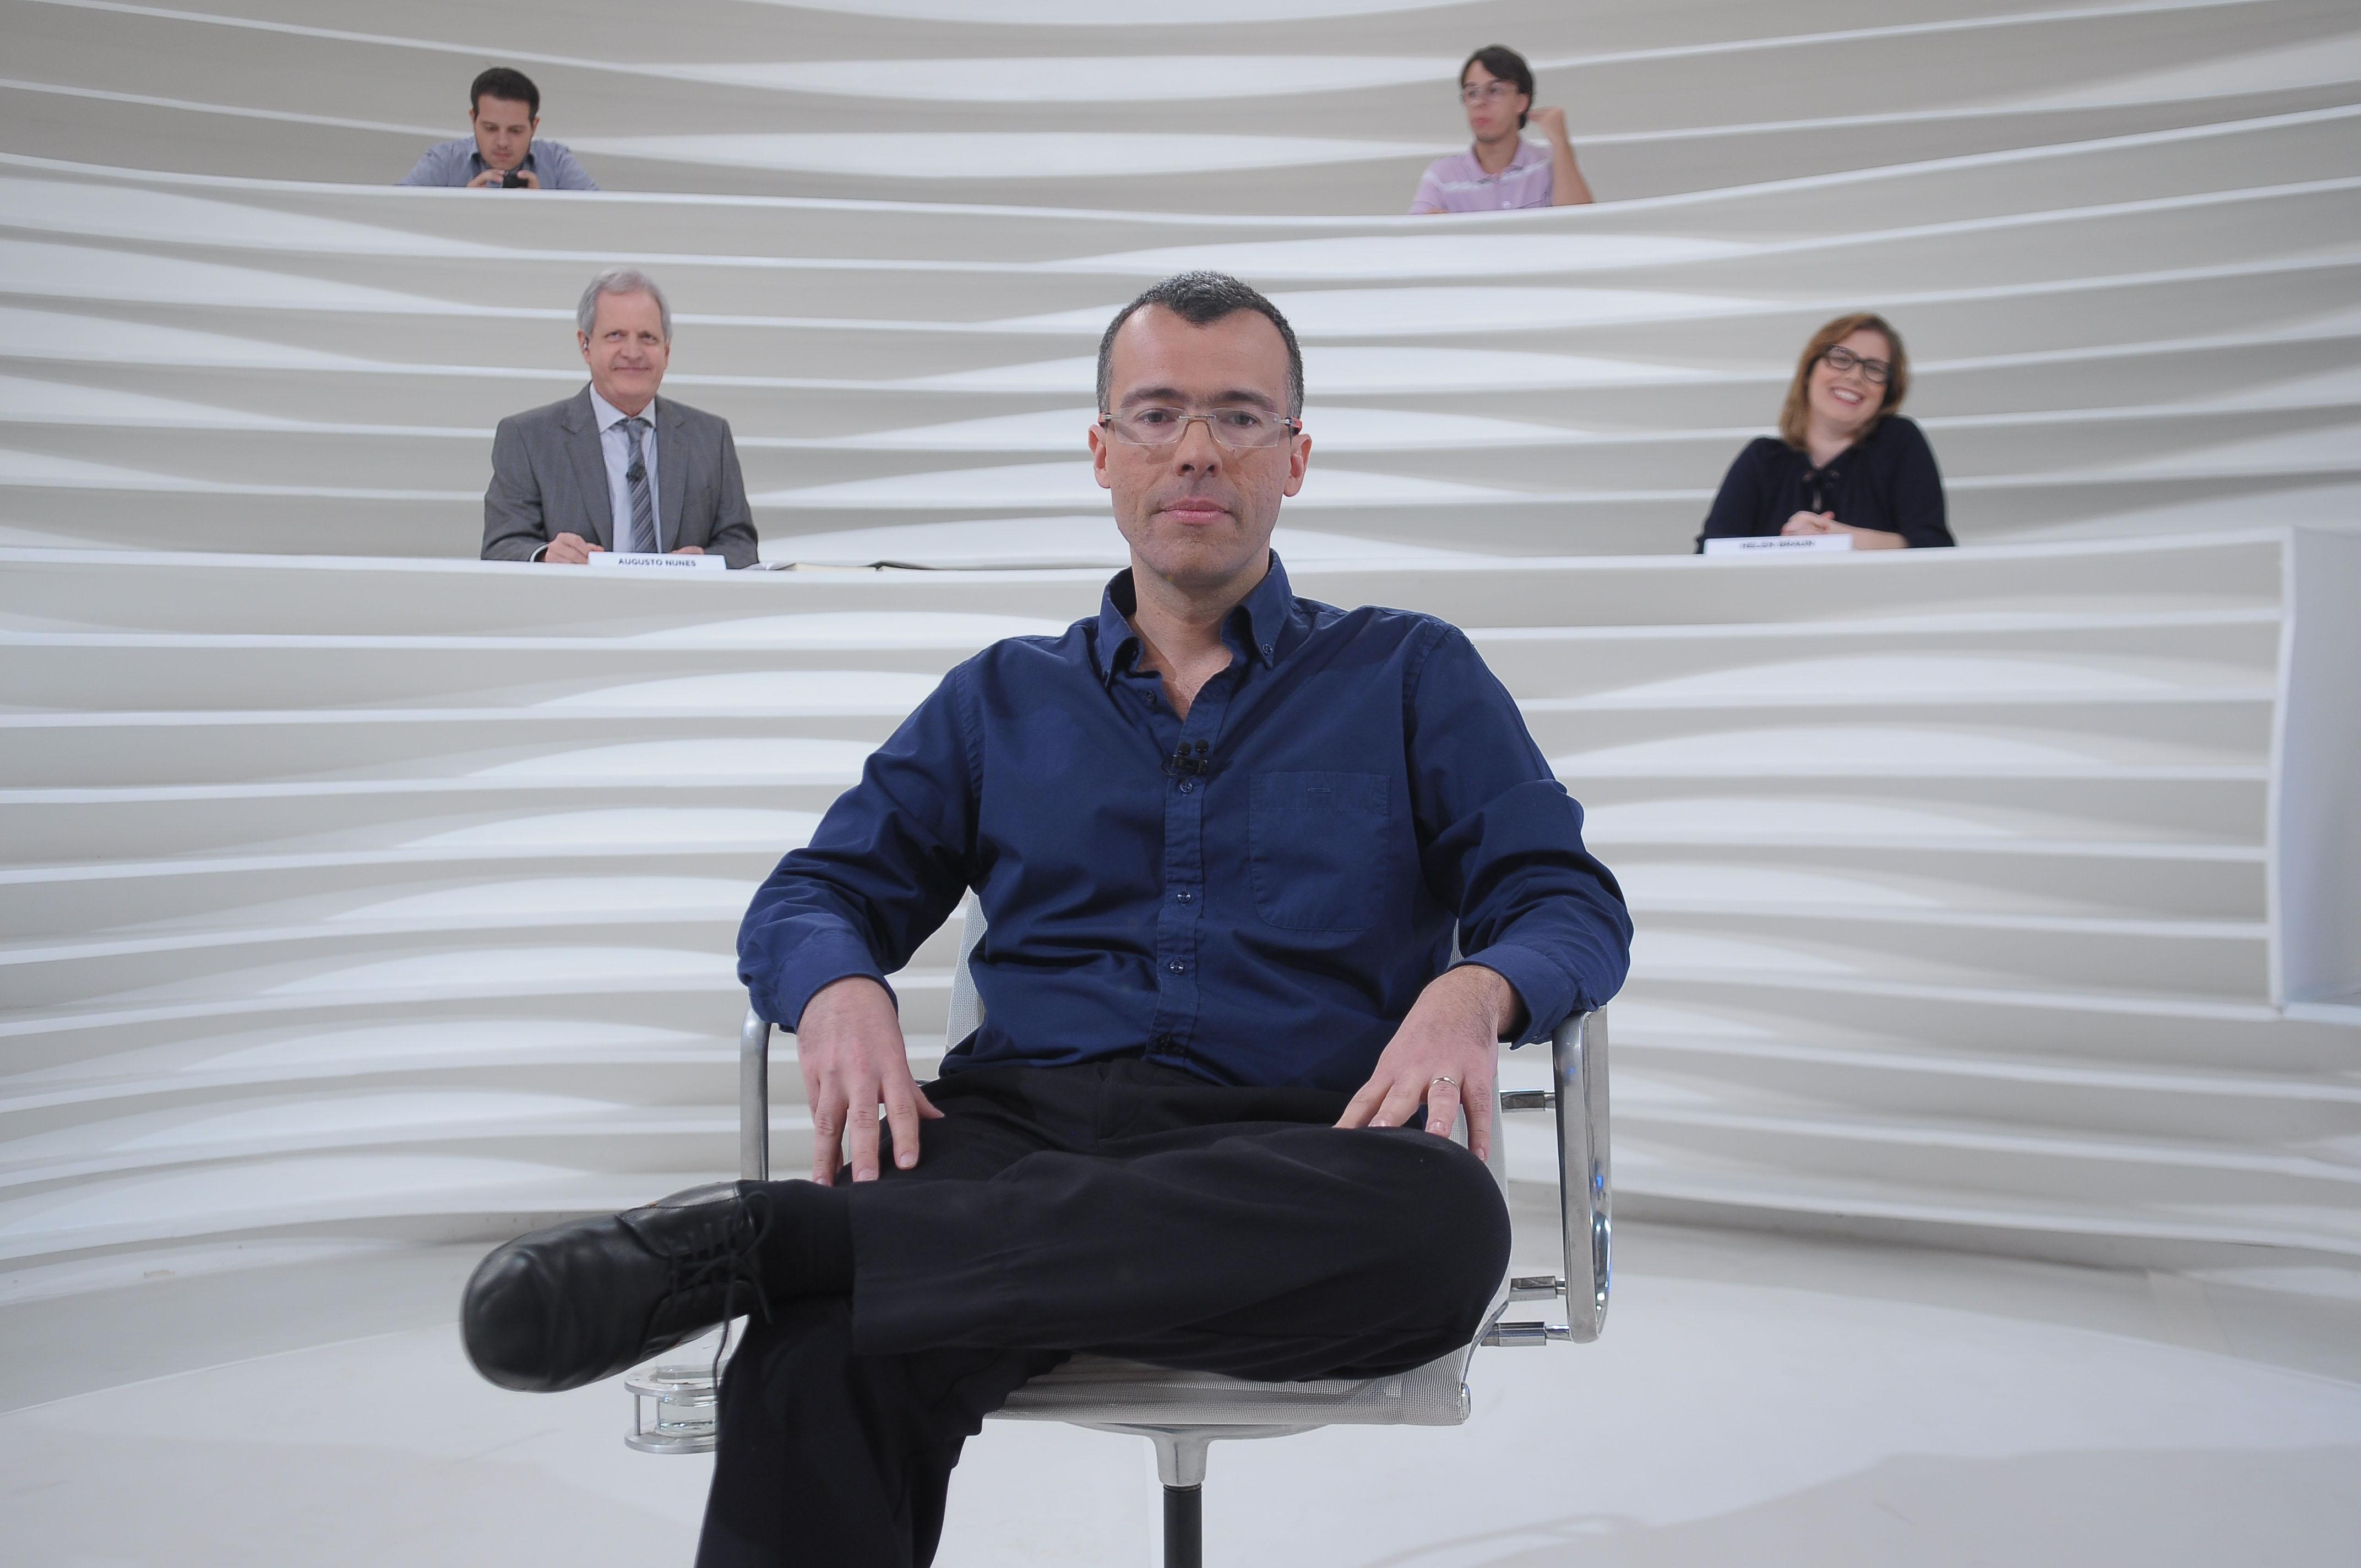 Correspondente do jornal O Estado de S. Paulo em Genebra, o premiado jornalista investigou desmandos no futebol após as prisões de dirigentes da FIFA no último ano. Inédito, o programa vai ao ar às 23h30, na TV Cultura